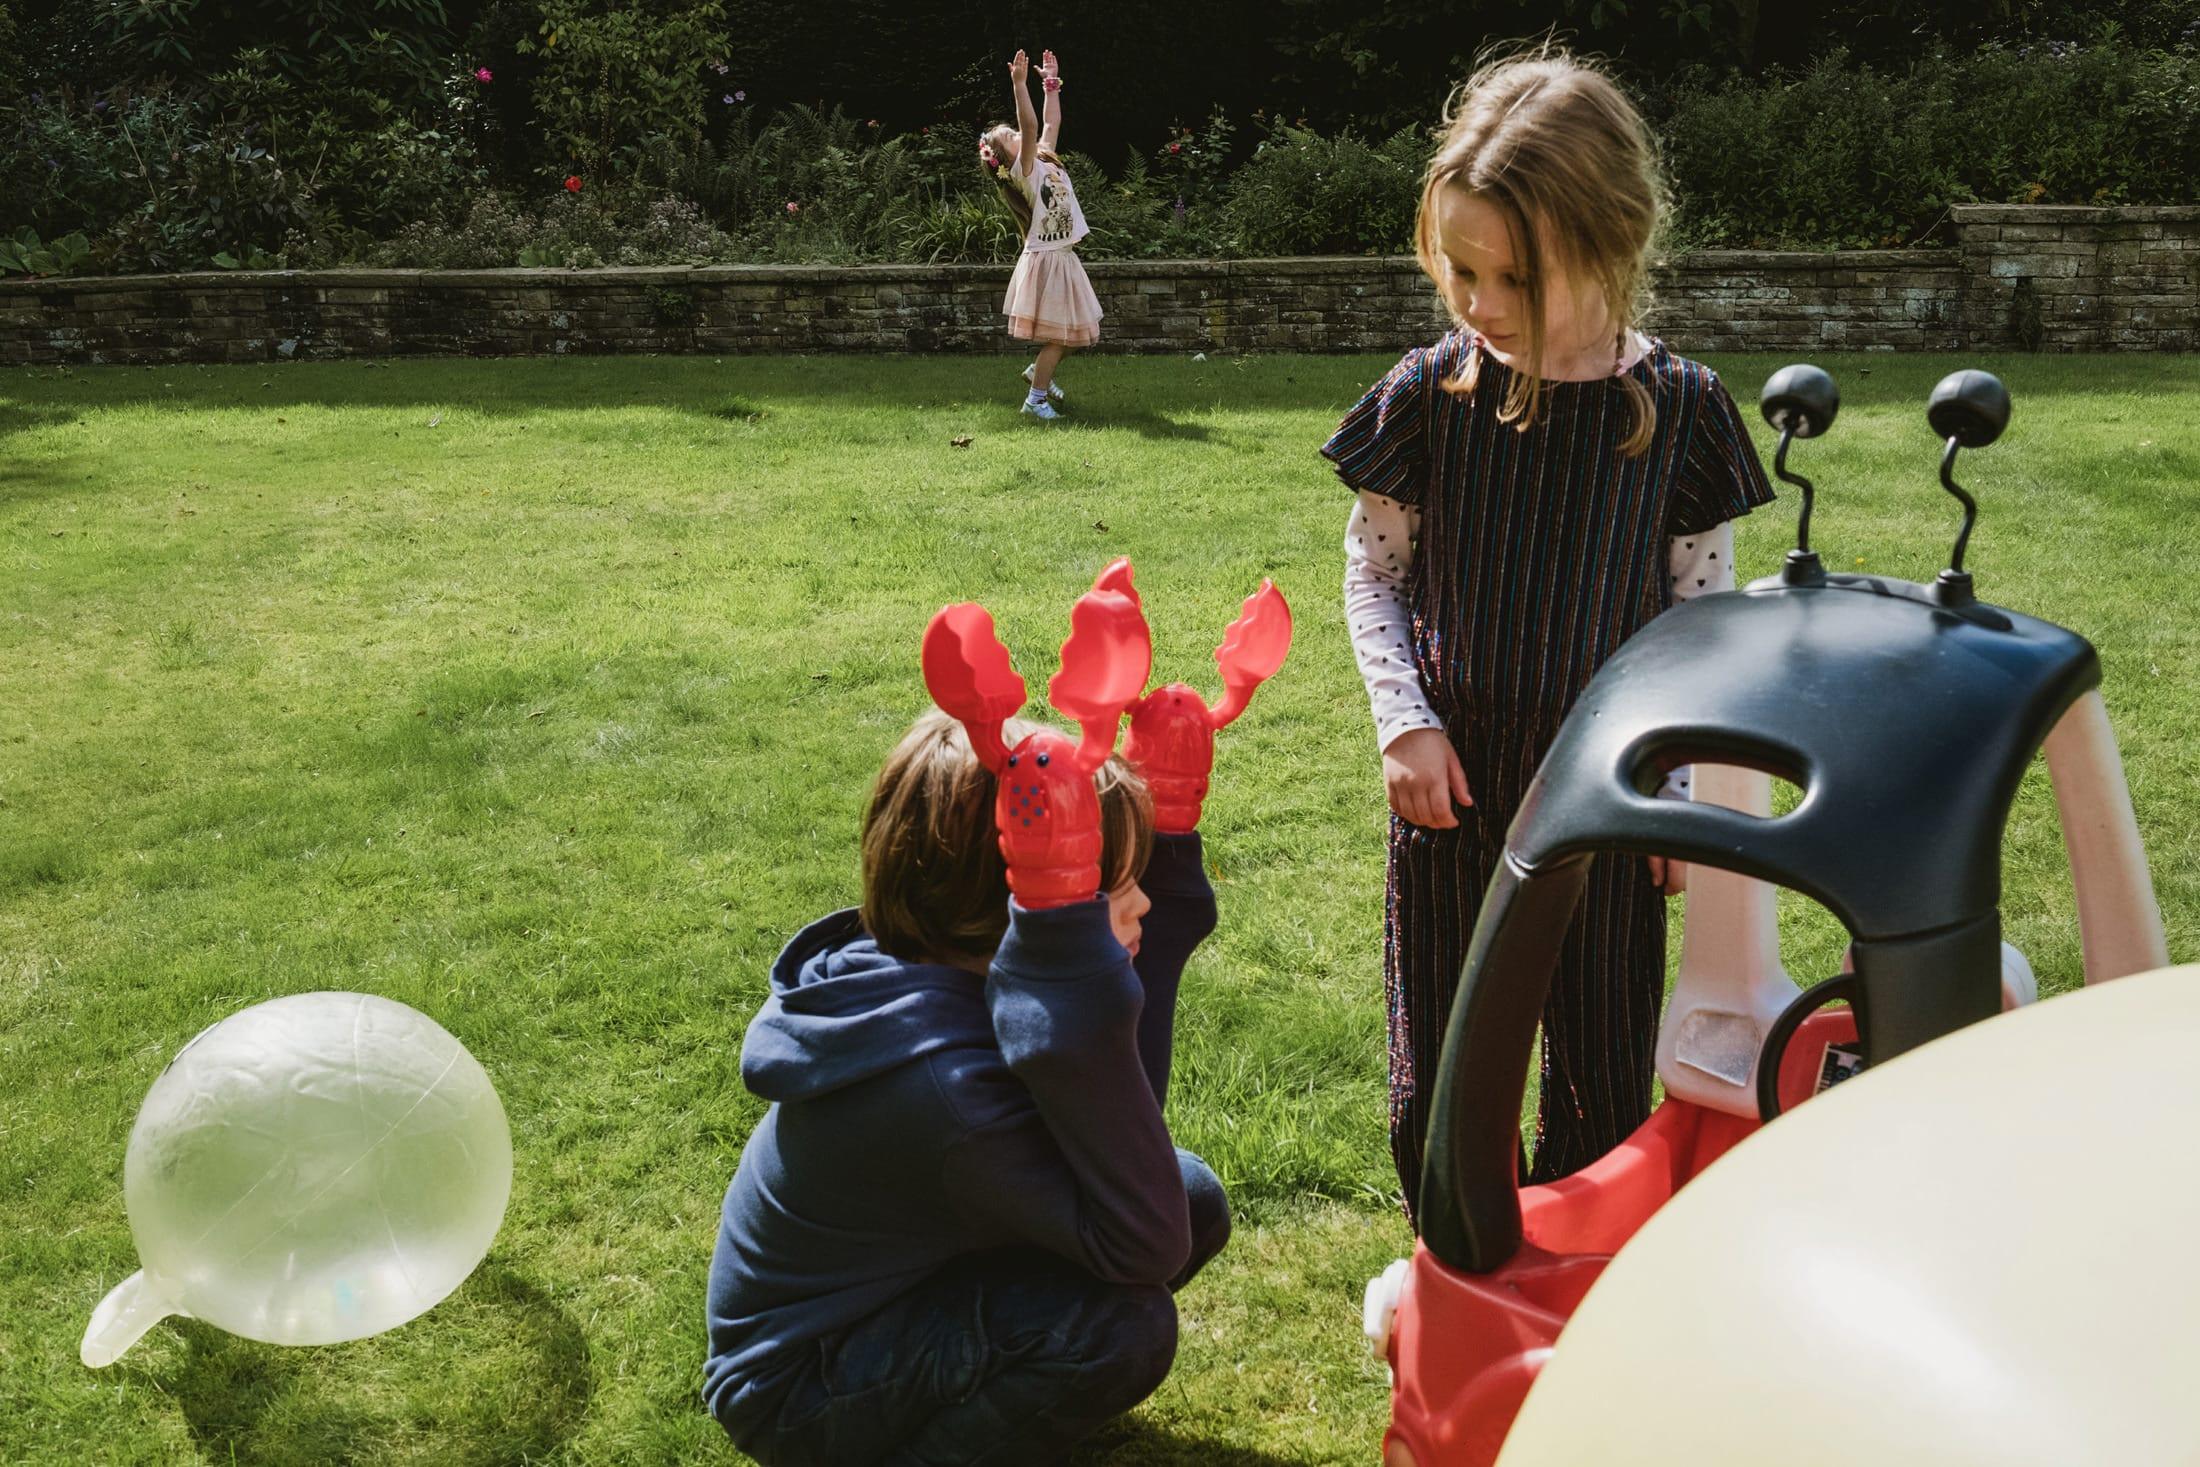 unusual shape movements by children in a garden in Sheffield